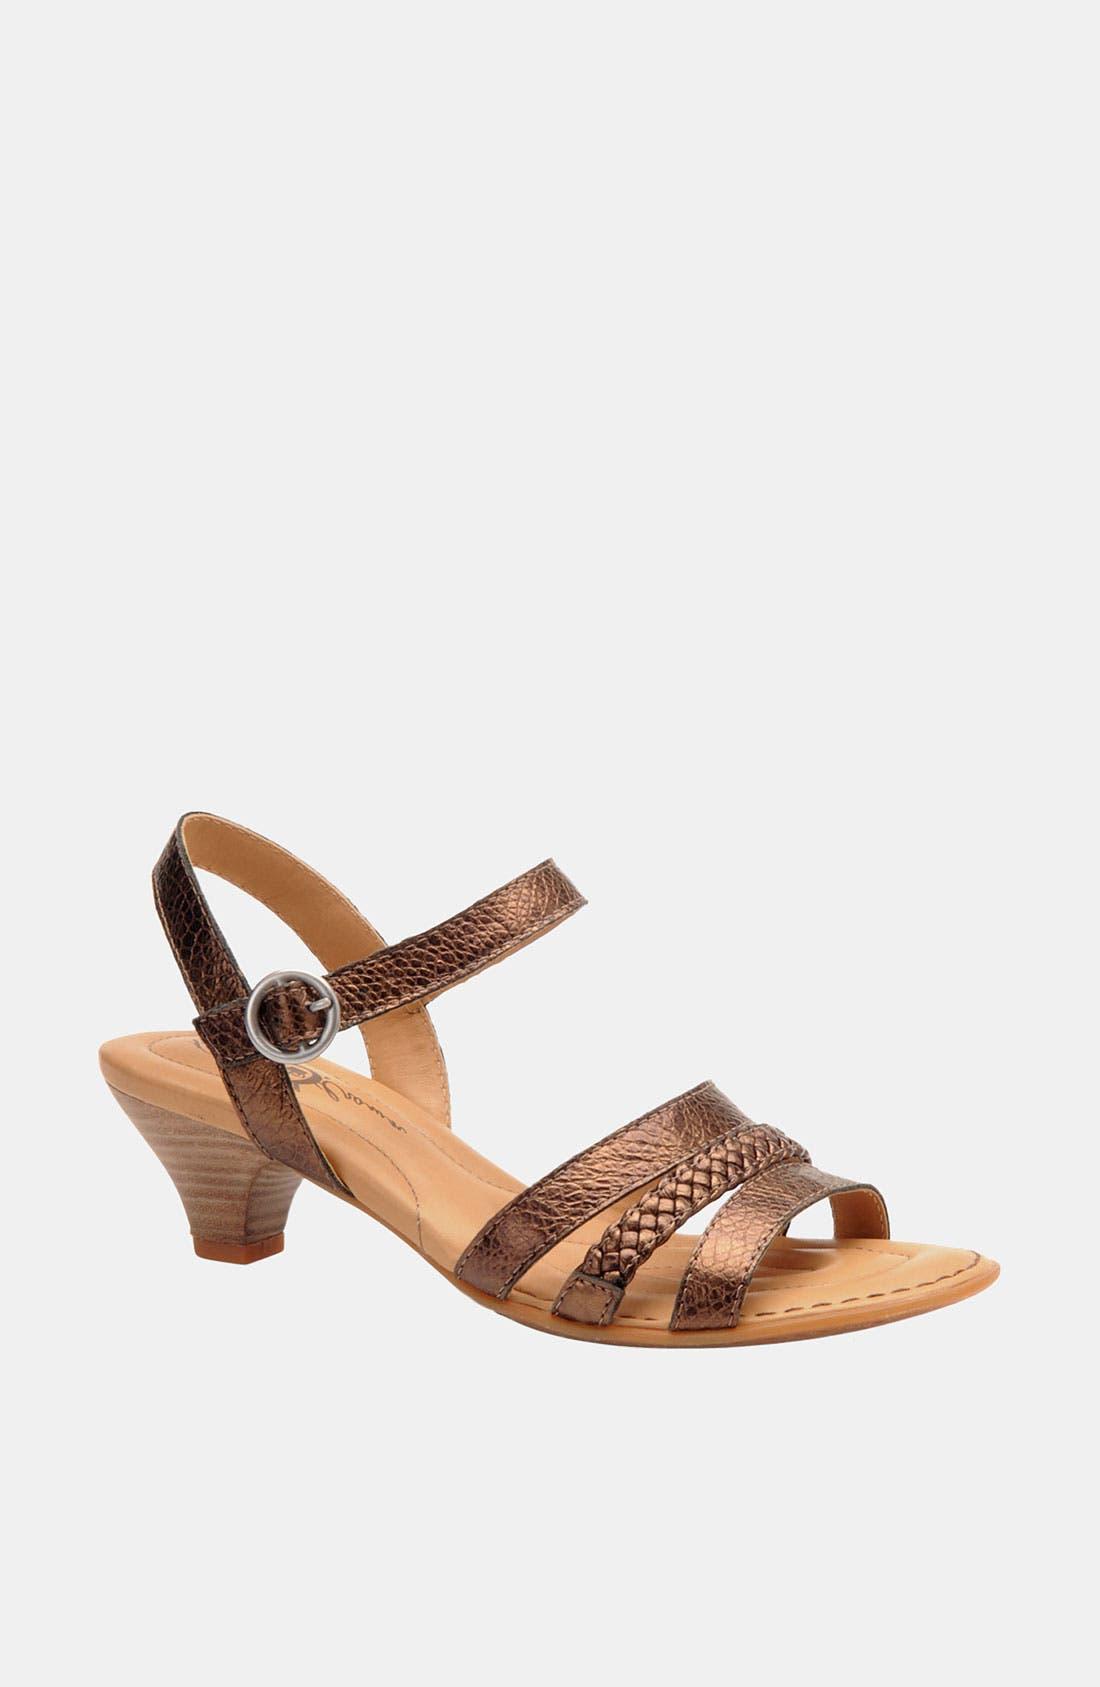 Alternate Image 1 Selected - Børn 'Jessika' Sandal